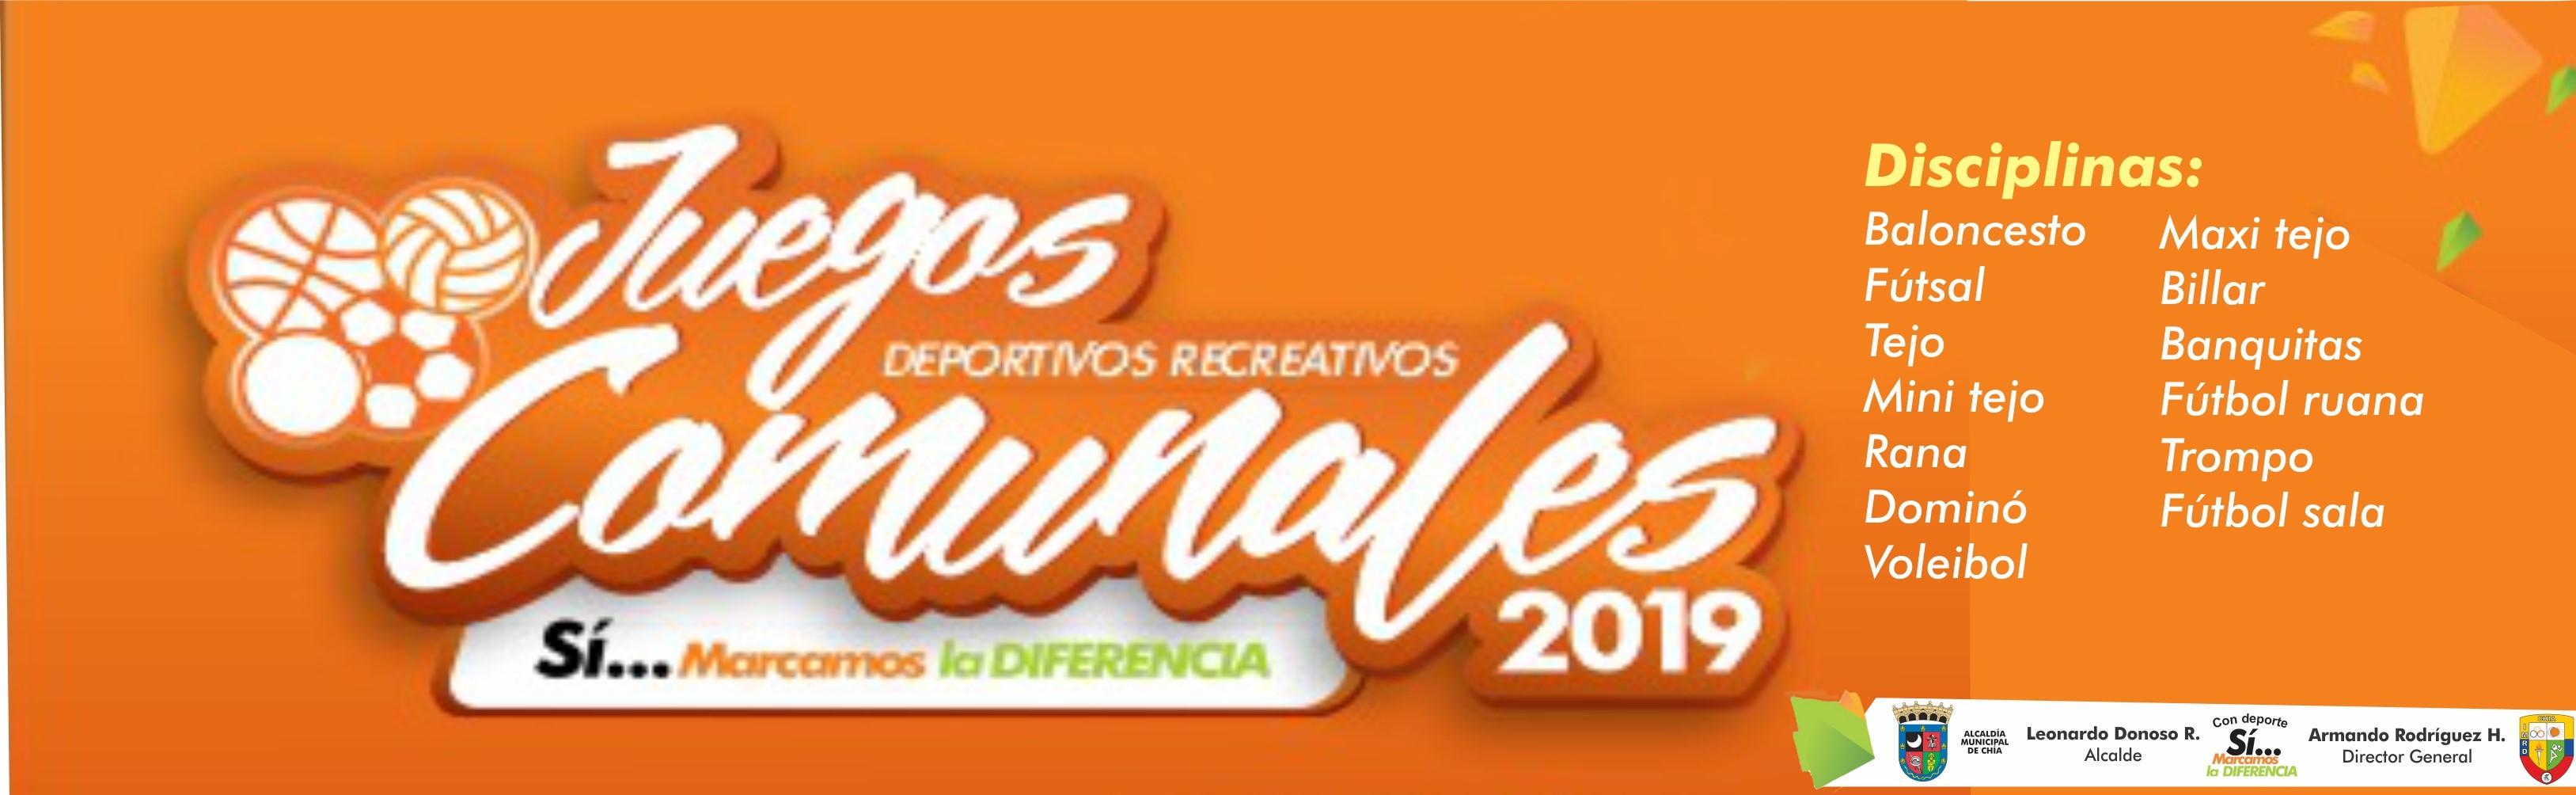 38 Juegos Deportivos Municipales Calendario.38 Juegos Deportivos Municipales Calendario